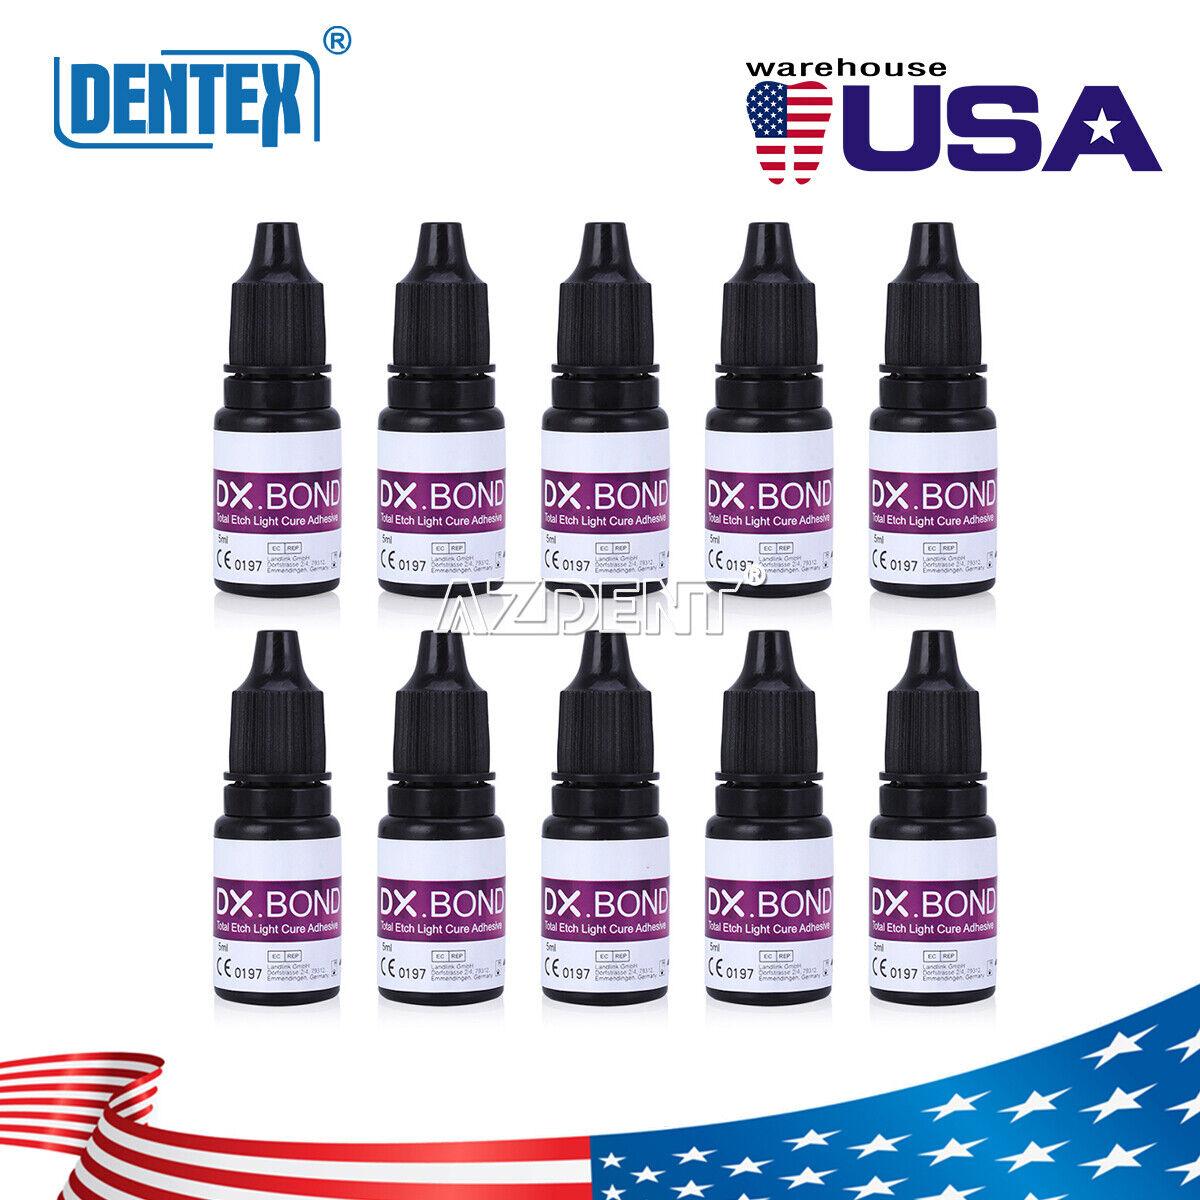 DX.BOND V Dental Light Cure One Step Dentin Enamel Resin Bonding Adhesive 5ml - $14.29